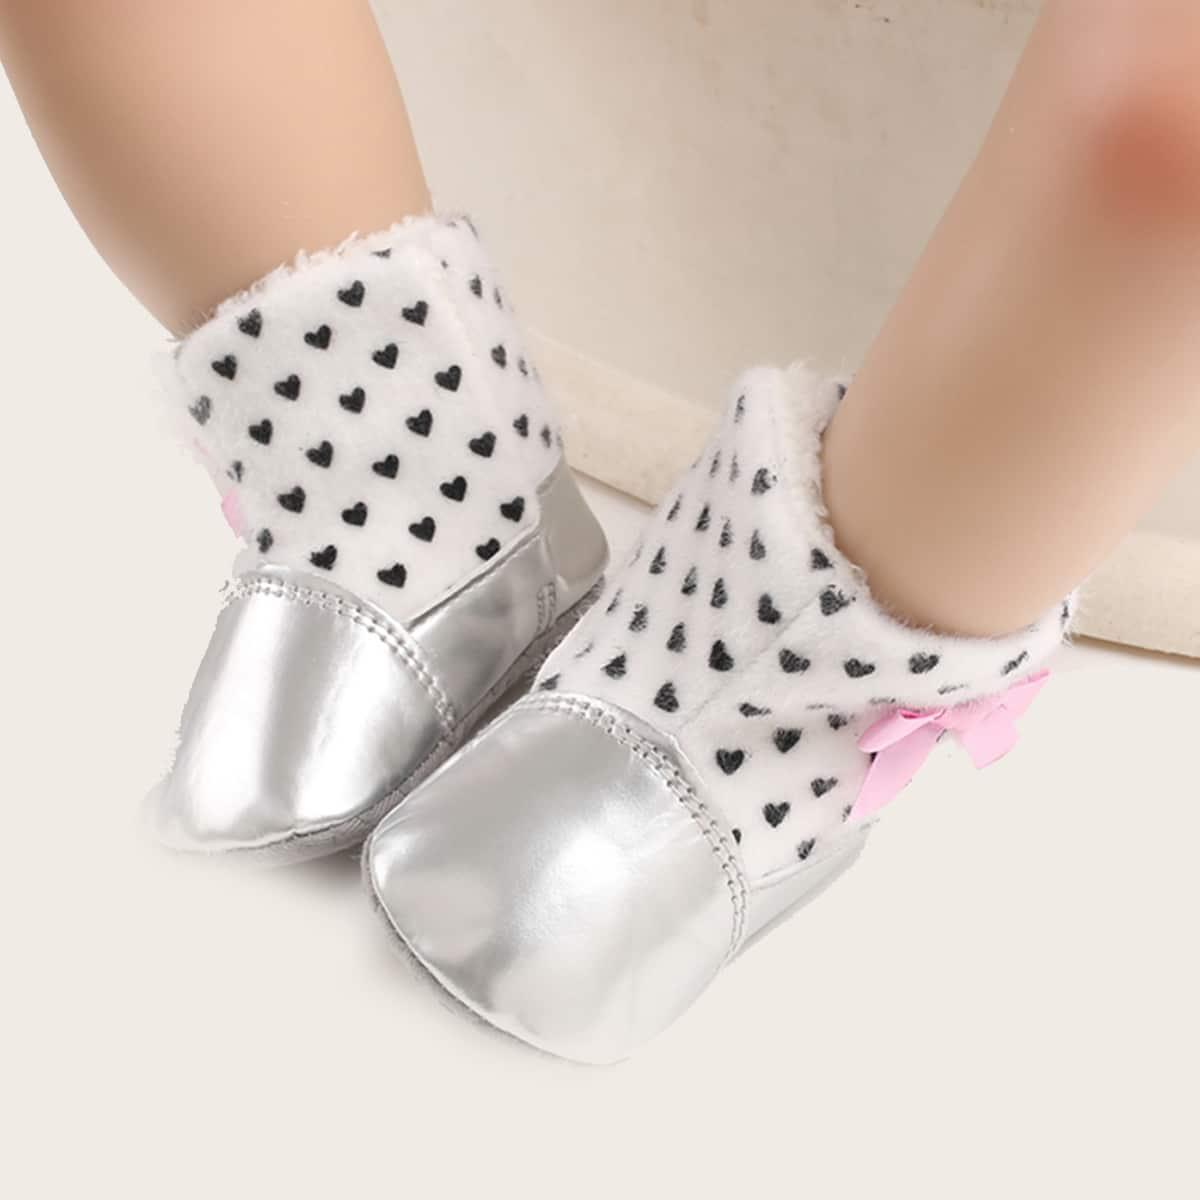 shein Hartvormige laarzen met strik voor baby's